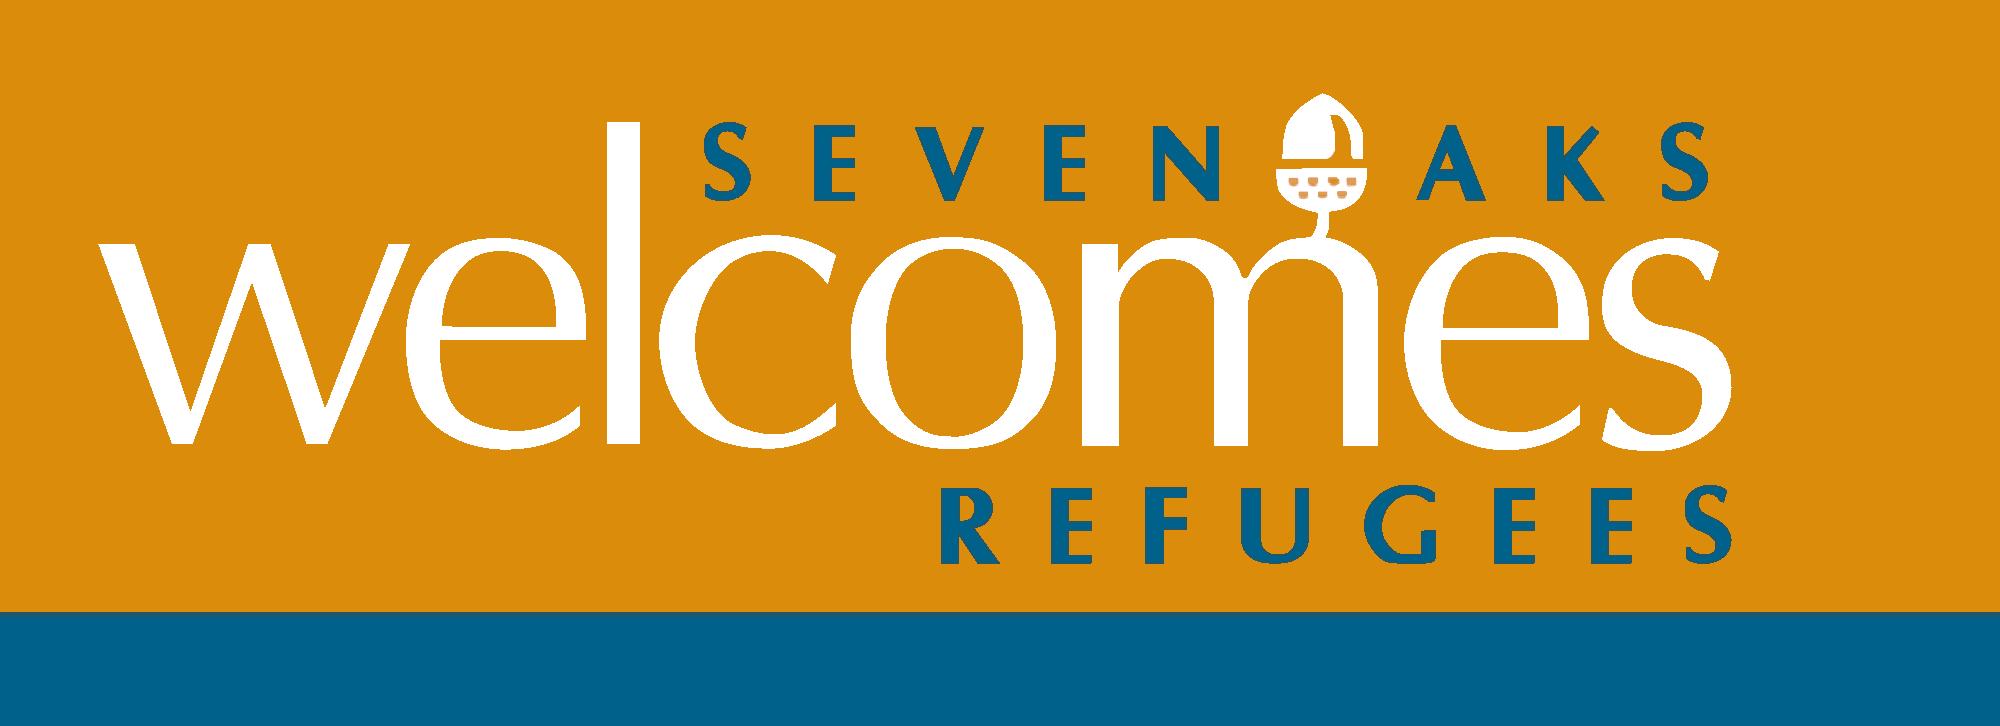 sevenoaks welcomes refugees logo